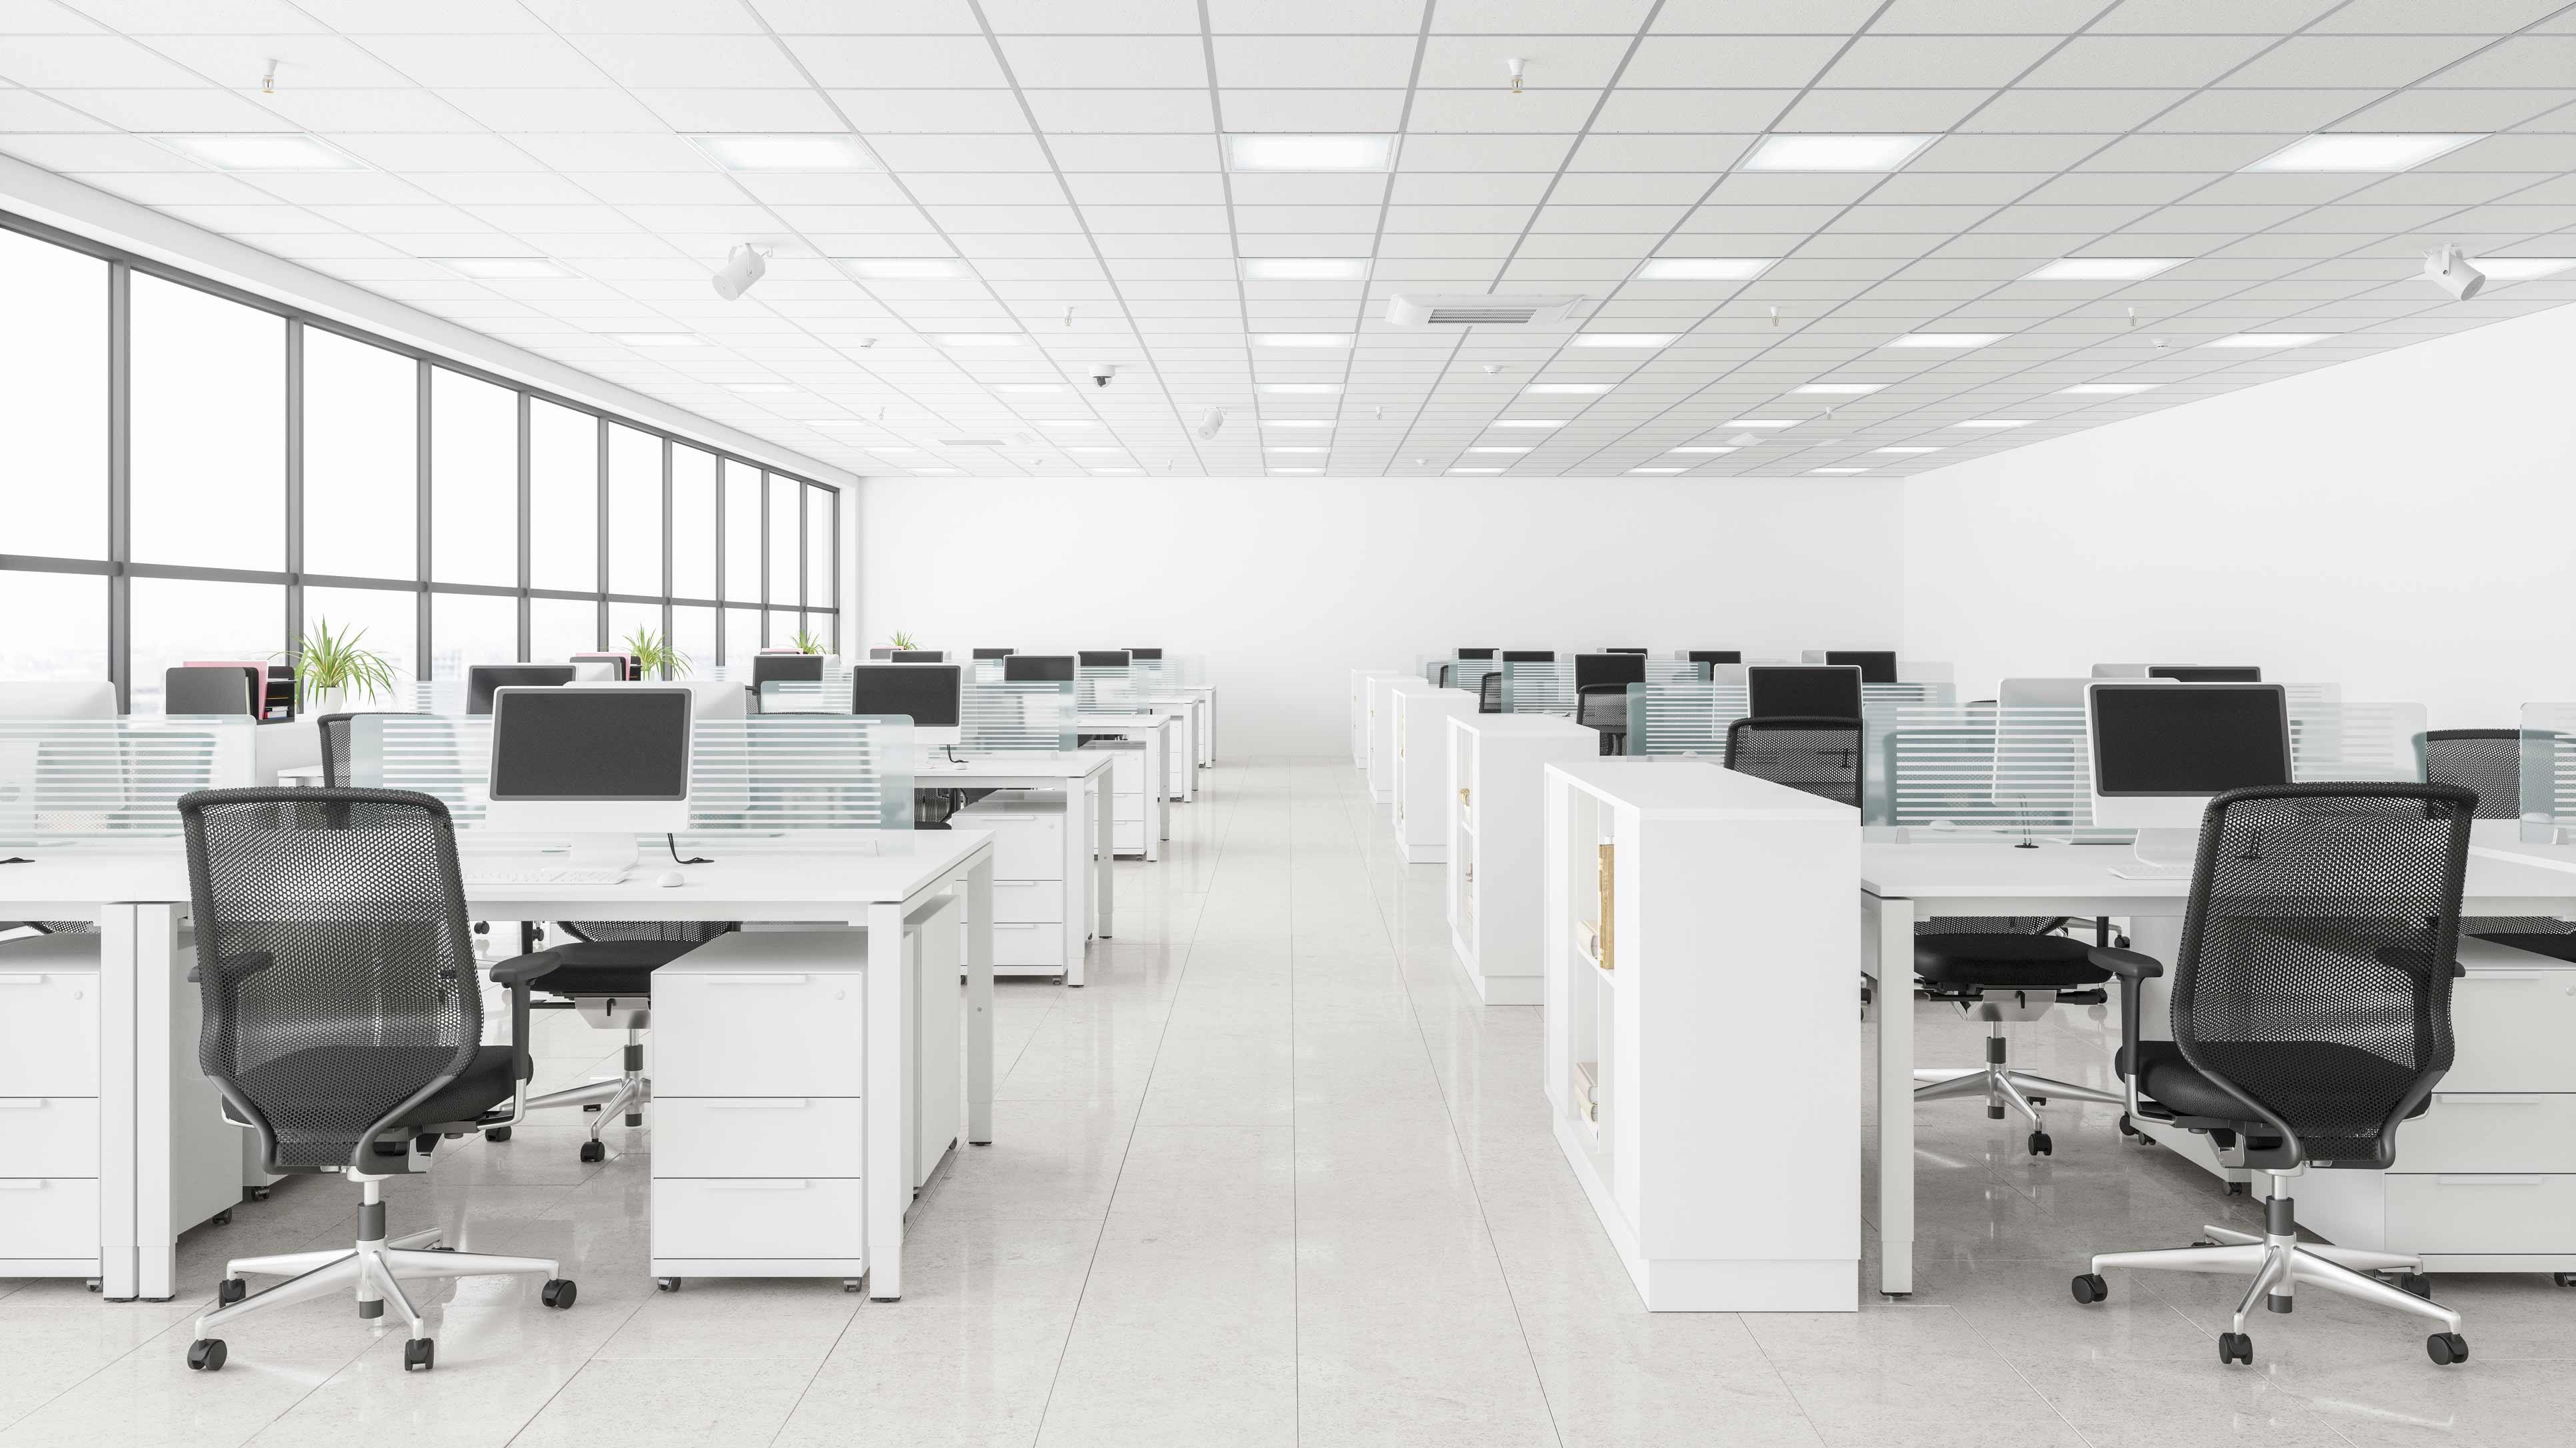 el-mercado-de-oficinas-reinicia-una-timida-ocupacion